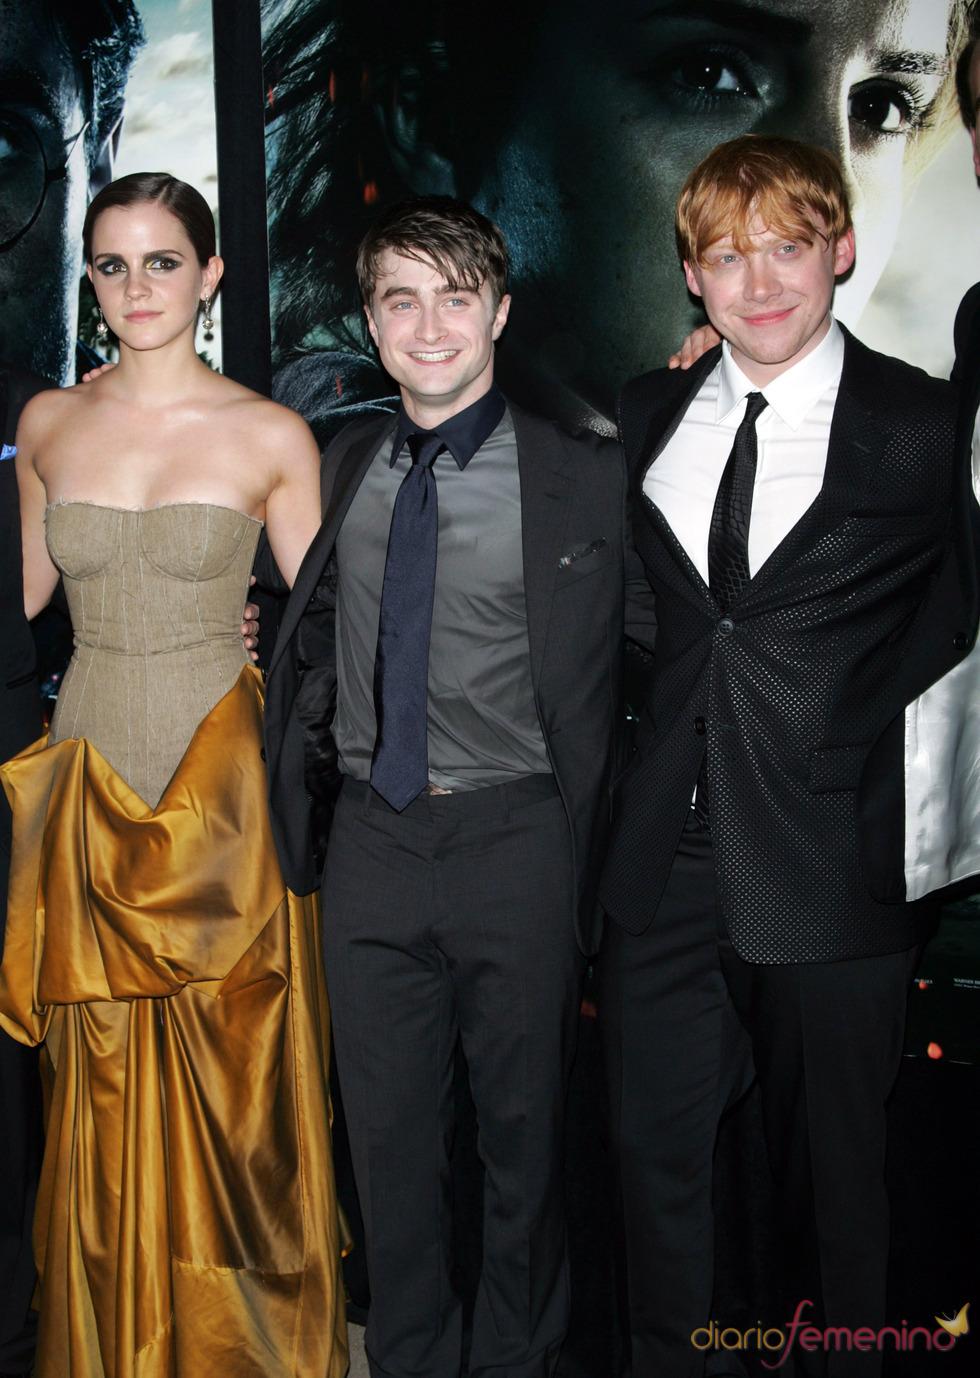 Emma Watson, Daniel Radcliffe y Rupert Grint estrenan 'Harry Potter y las reliquias de la muerte. Parte 2' en Nueva York